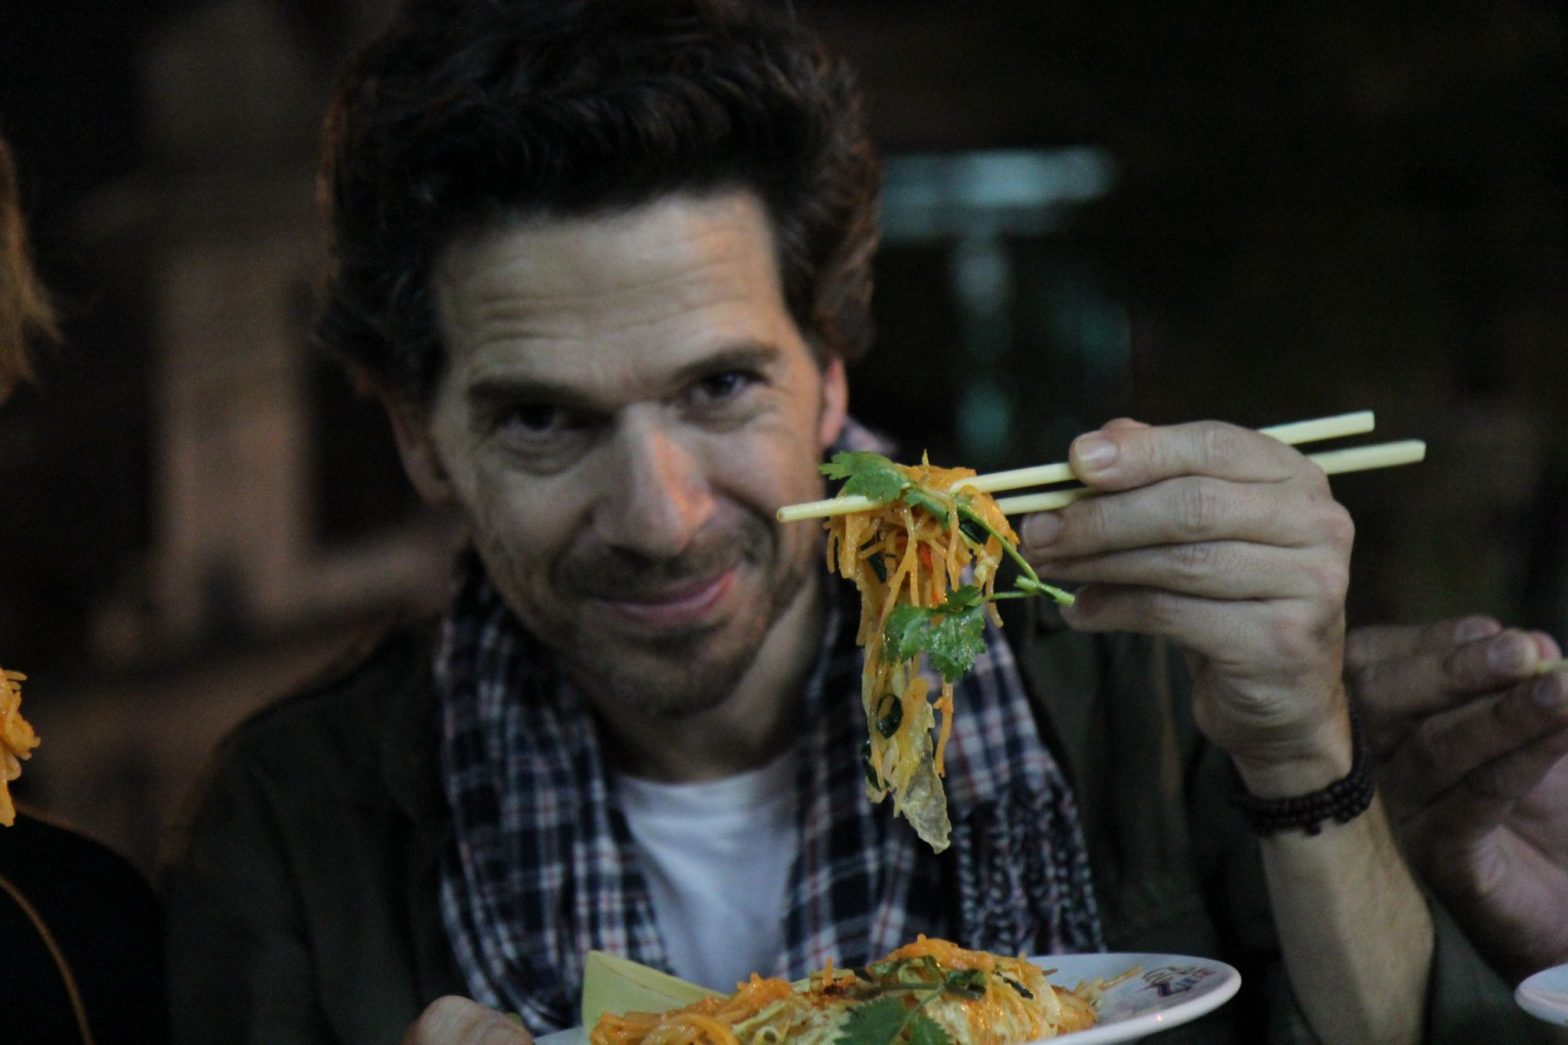 אוכל רחוב מסביב לעולם – בנגקוק – פרק 1